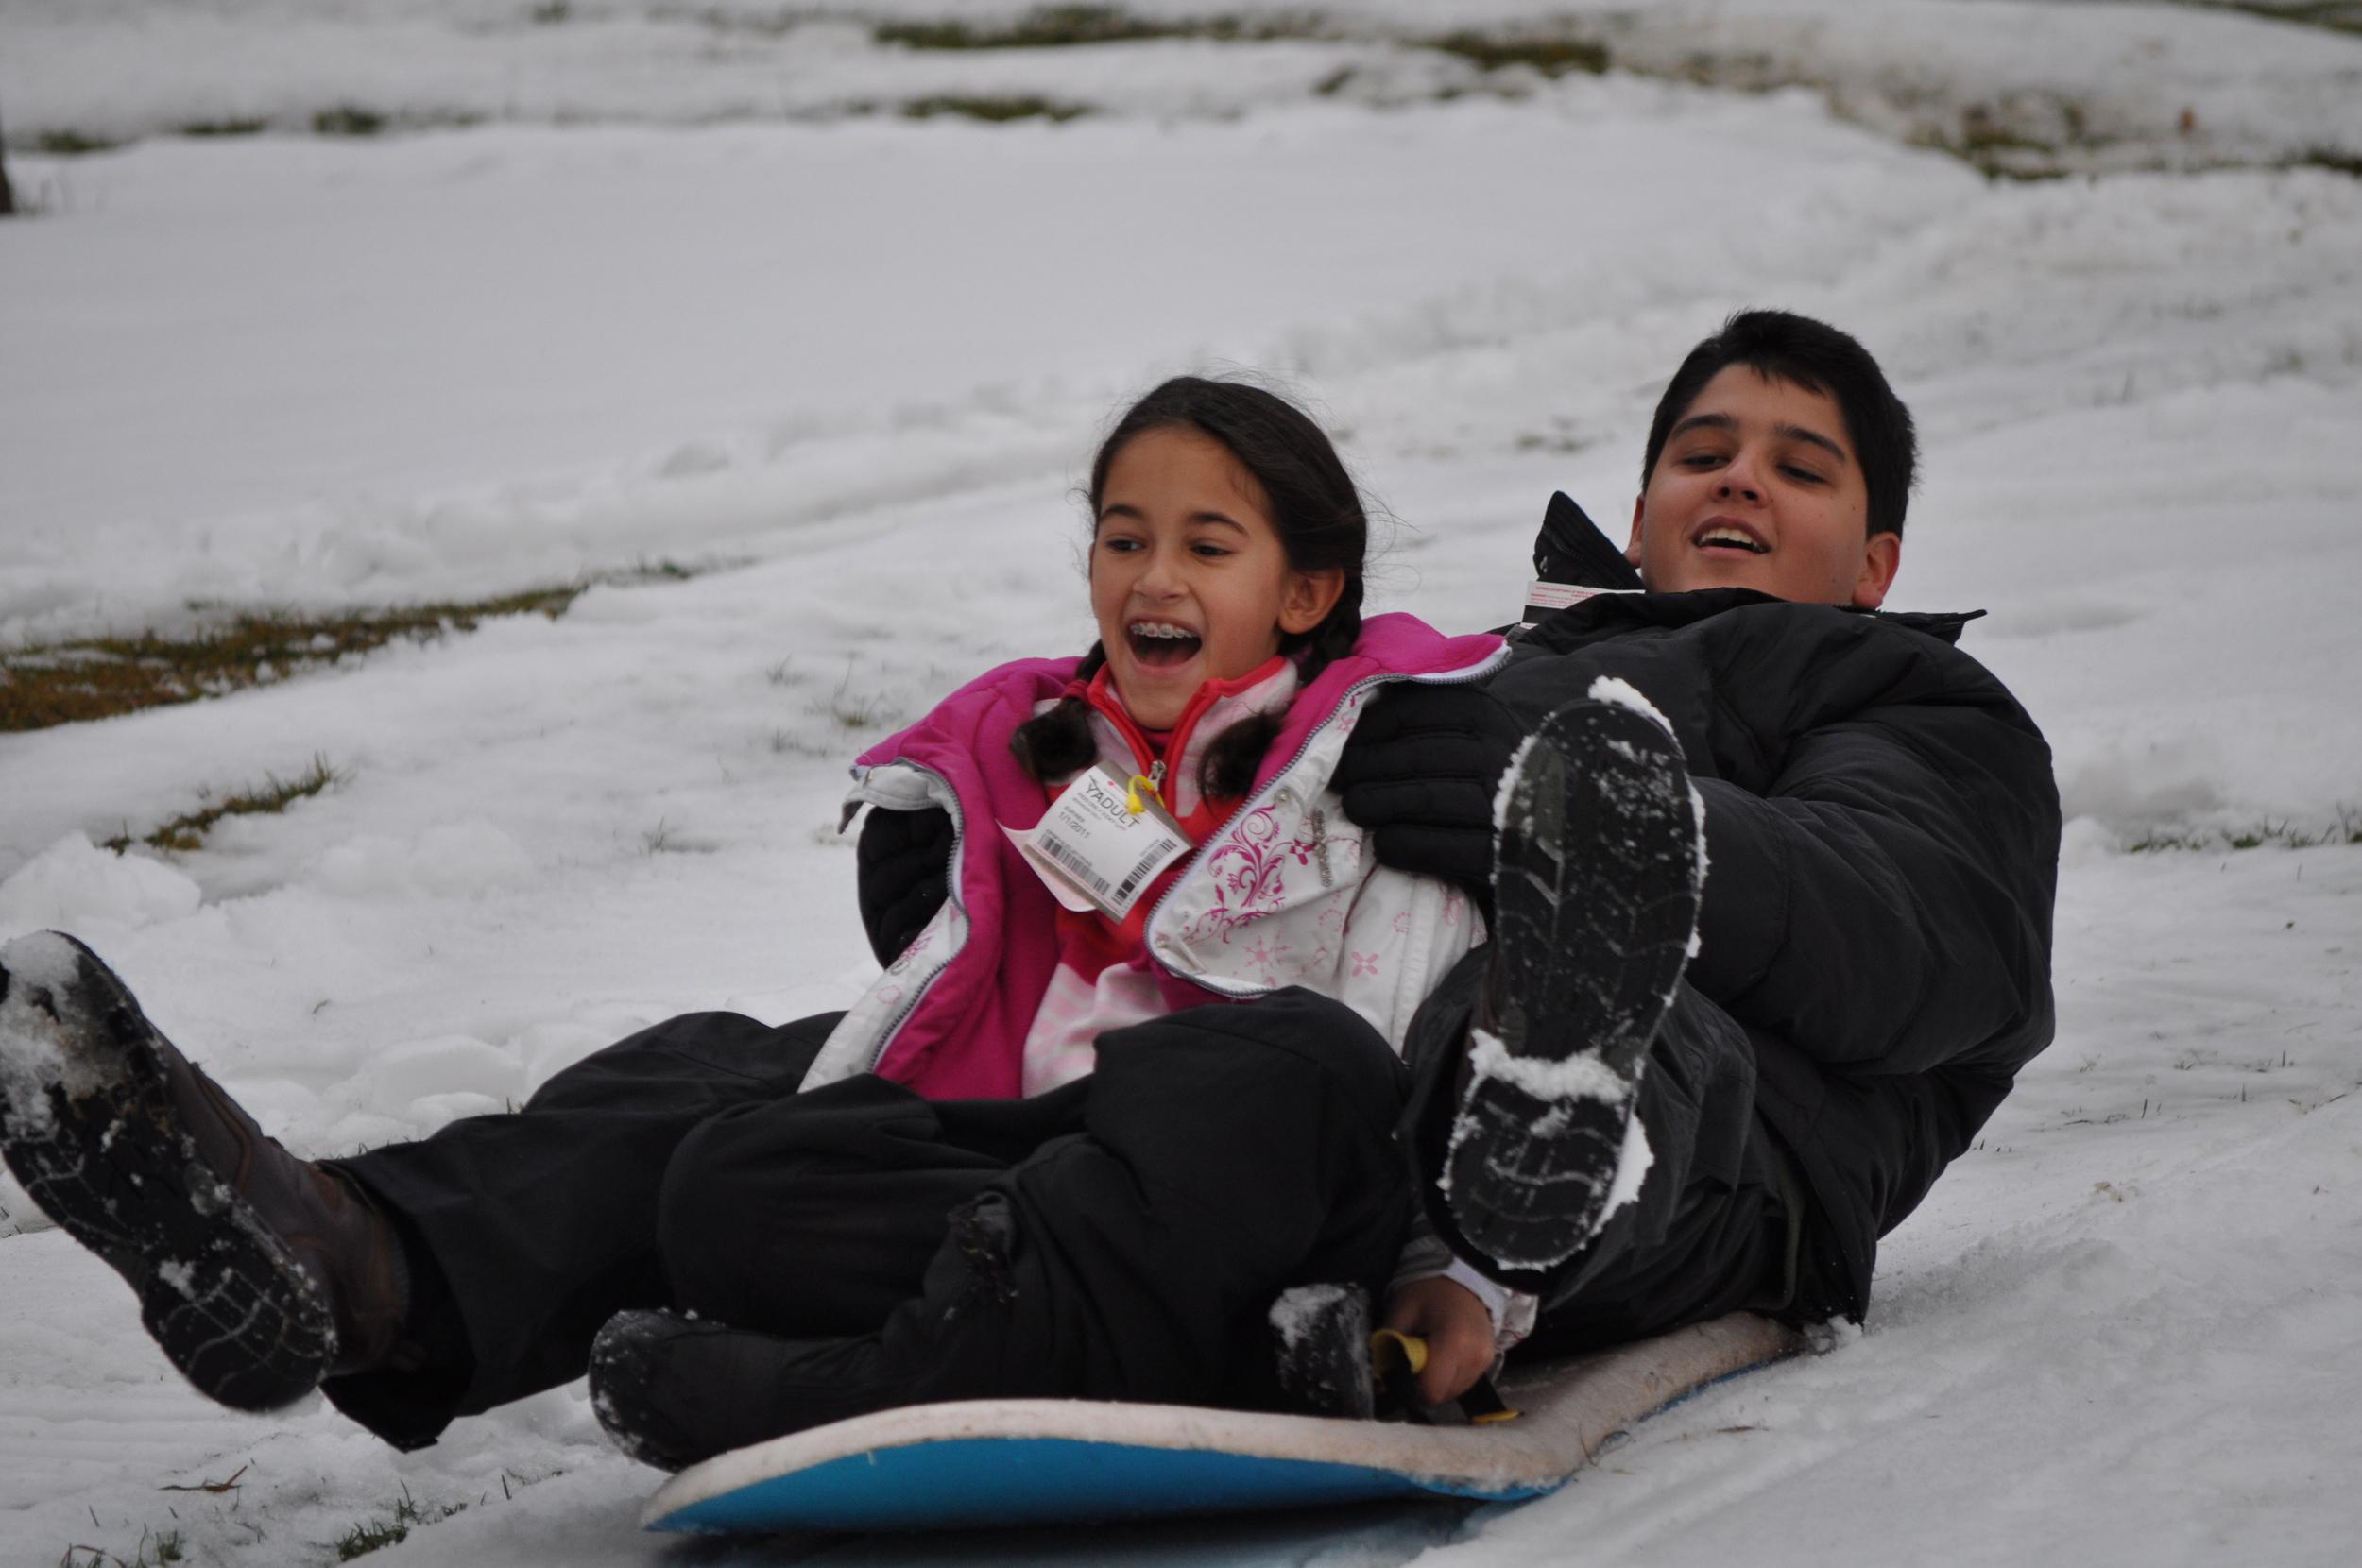 La diversión en la nieve fue continua. Foto: Pamy Rojas